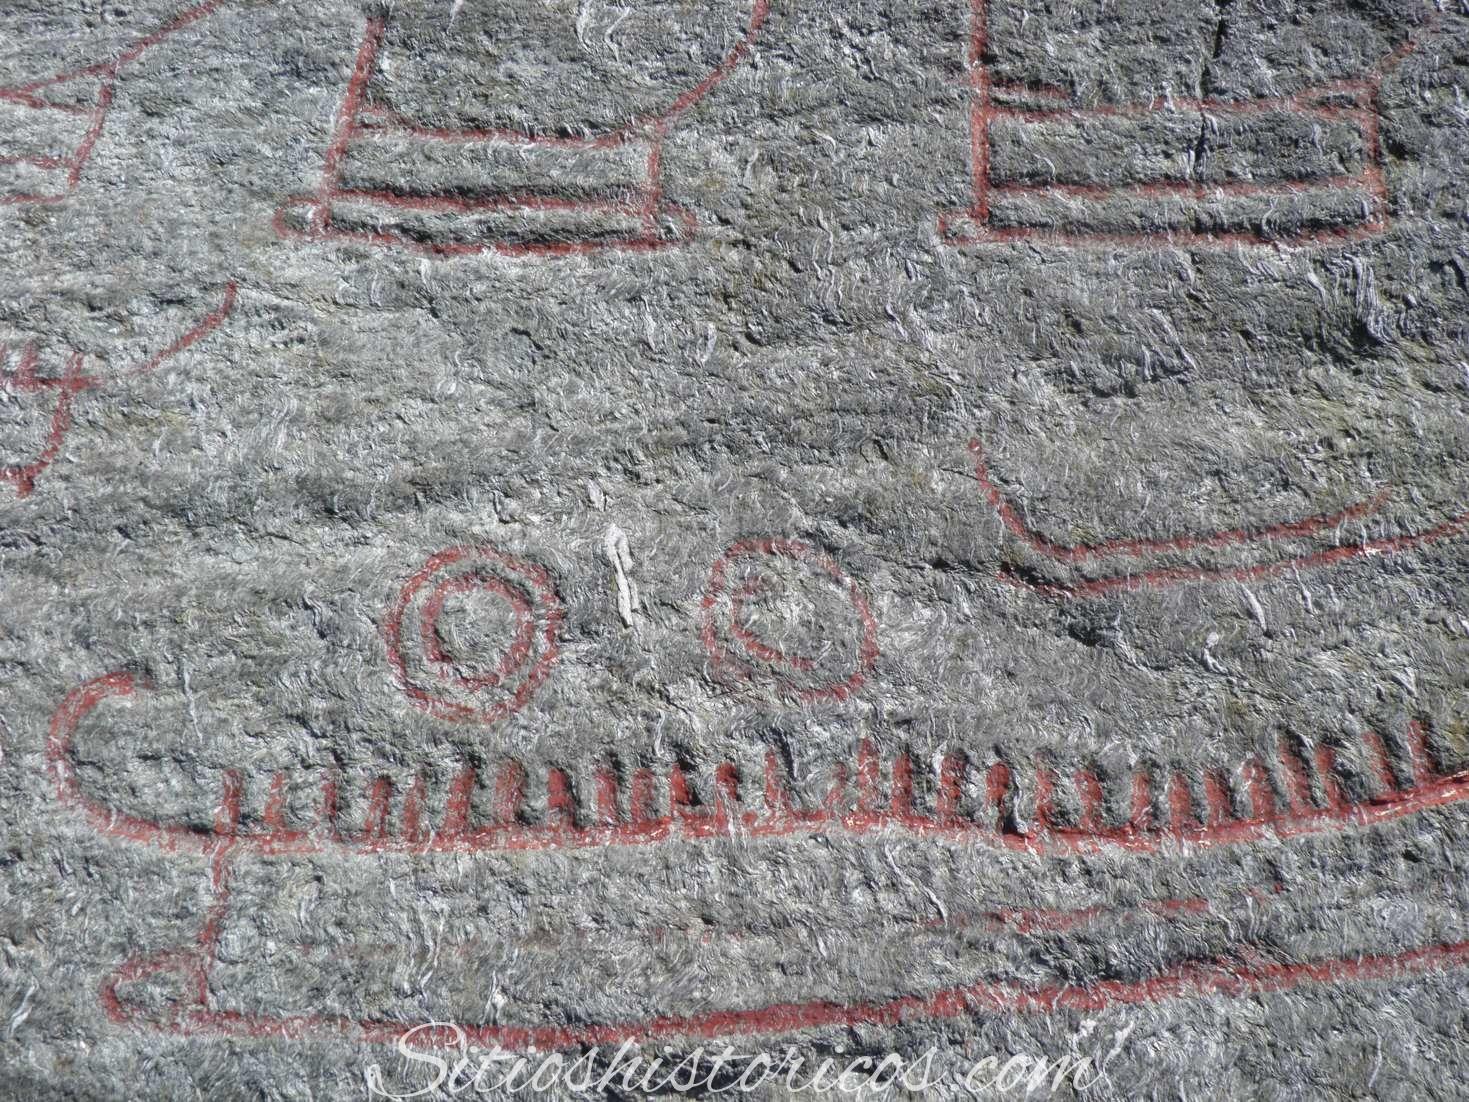 Arte rupestre Escandinavia